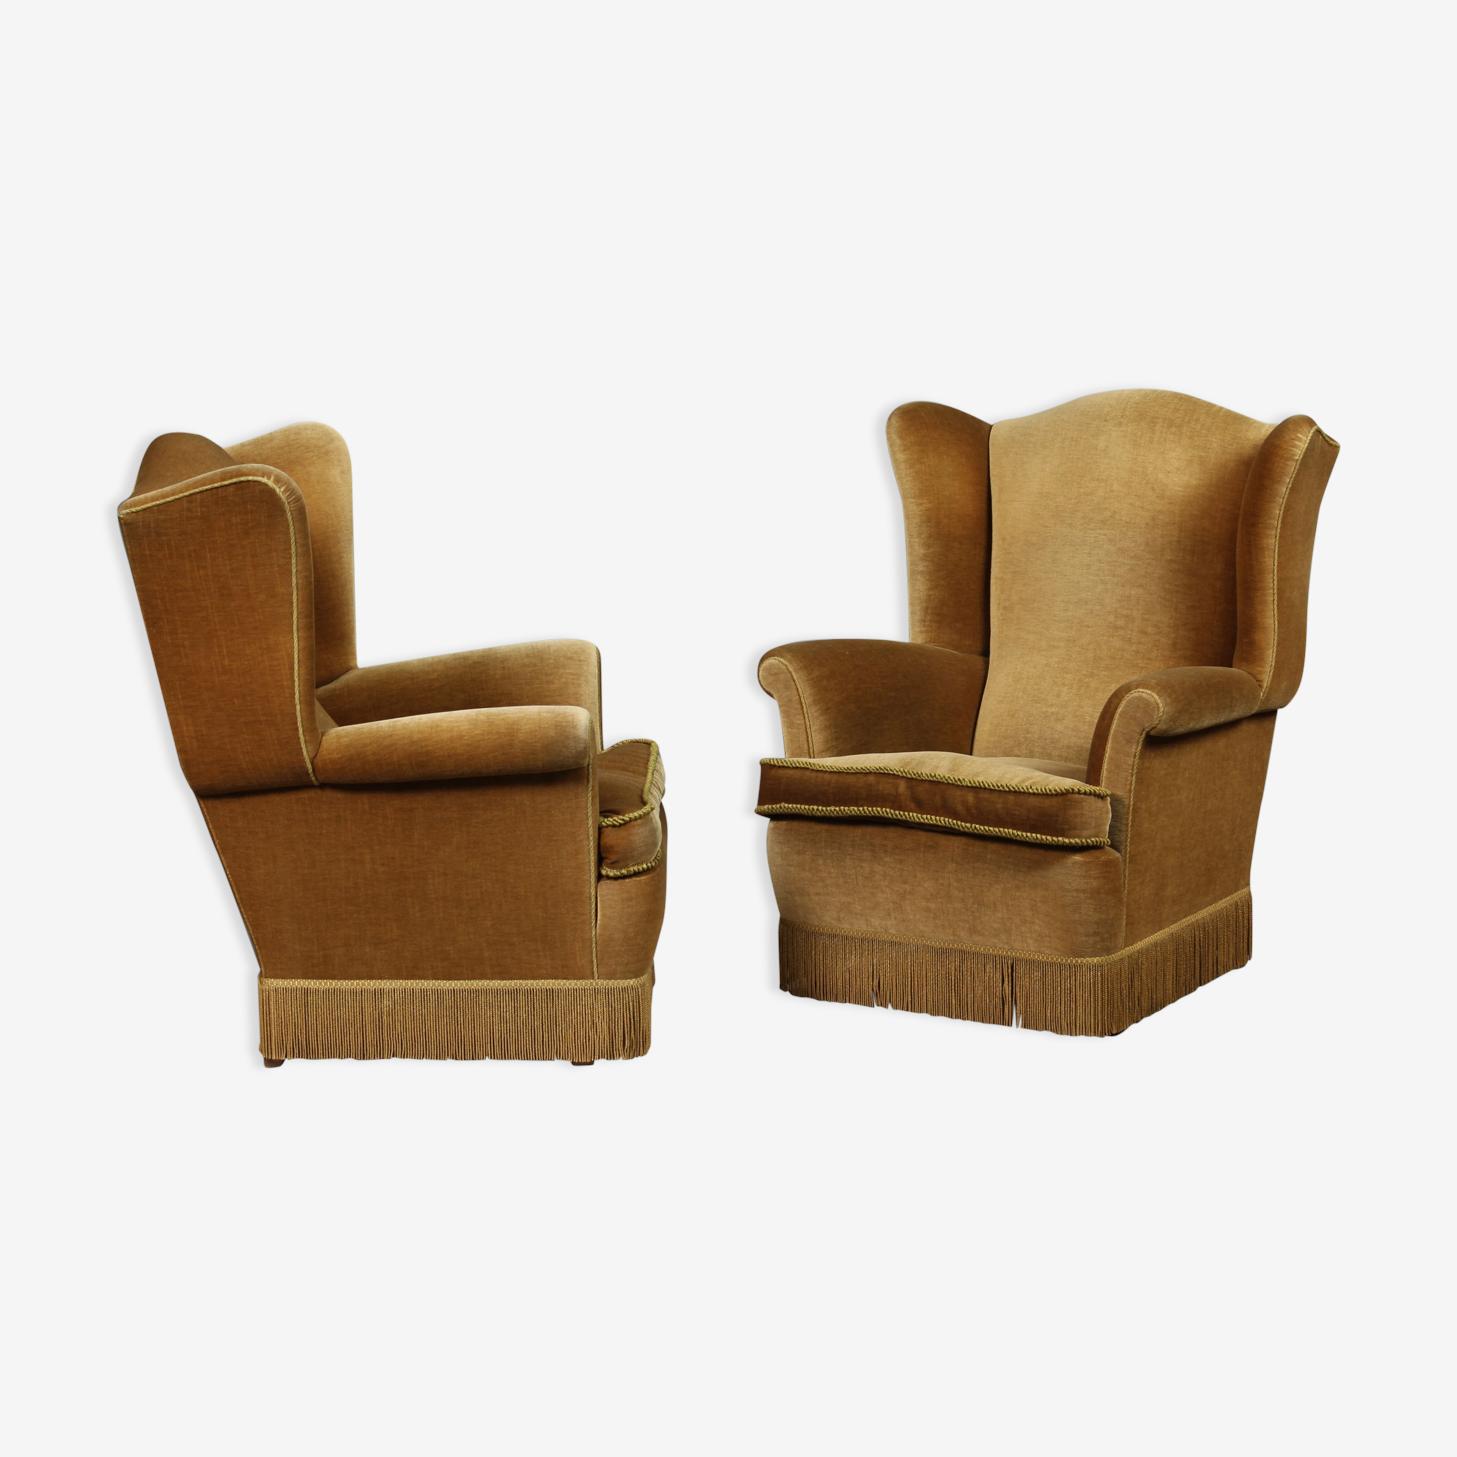 Une paire de fauteuils suédois des années 1940's